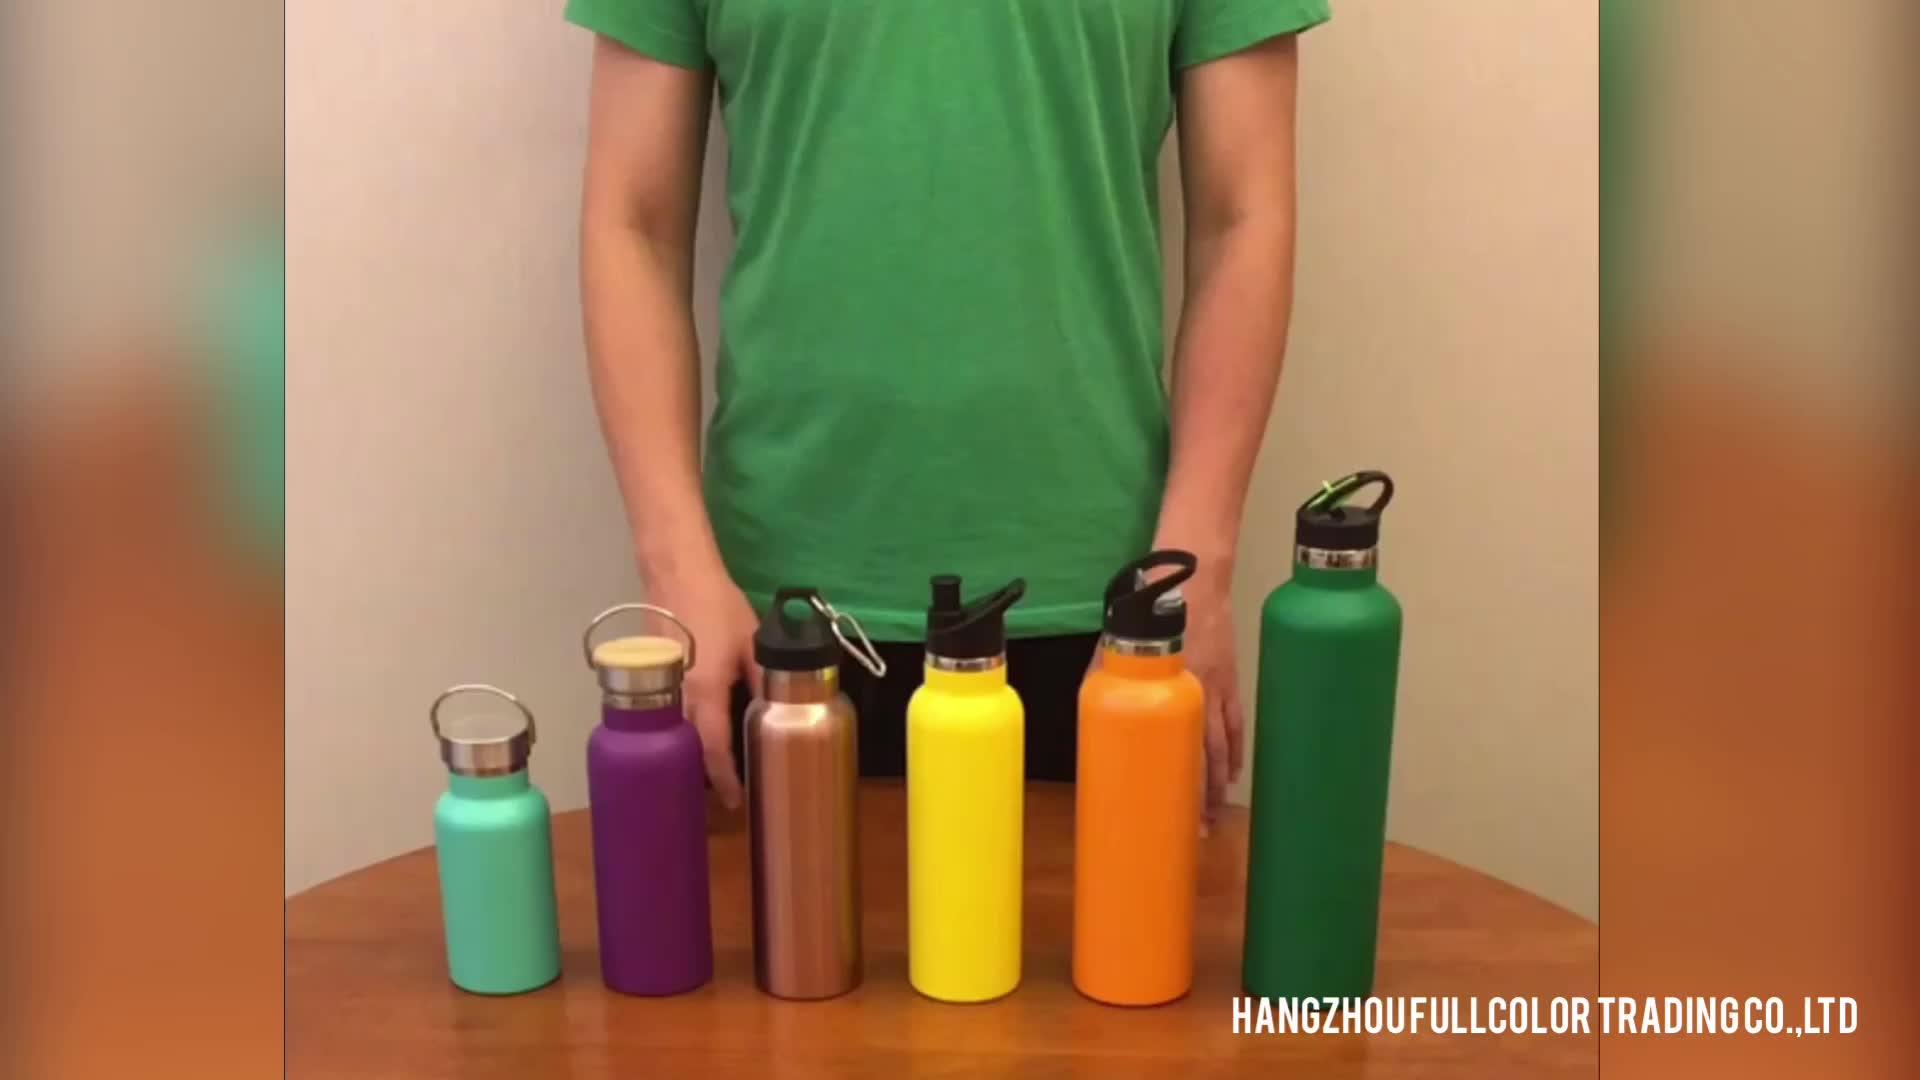 BPA FREI 500 ml 700 ml edelstahl sport gym wasser flasche flip up deckel mit stroh einfach trinken